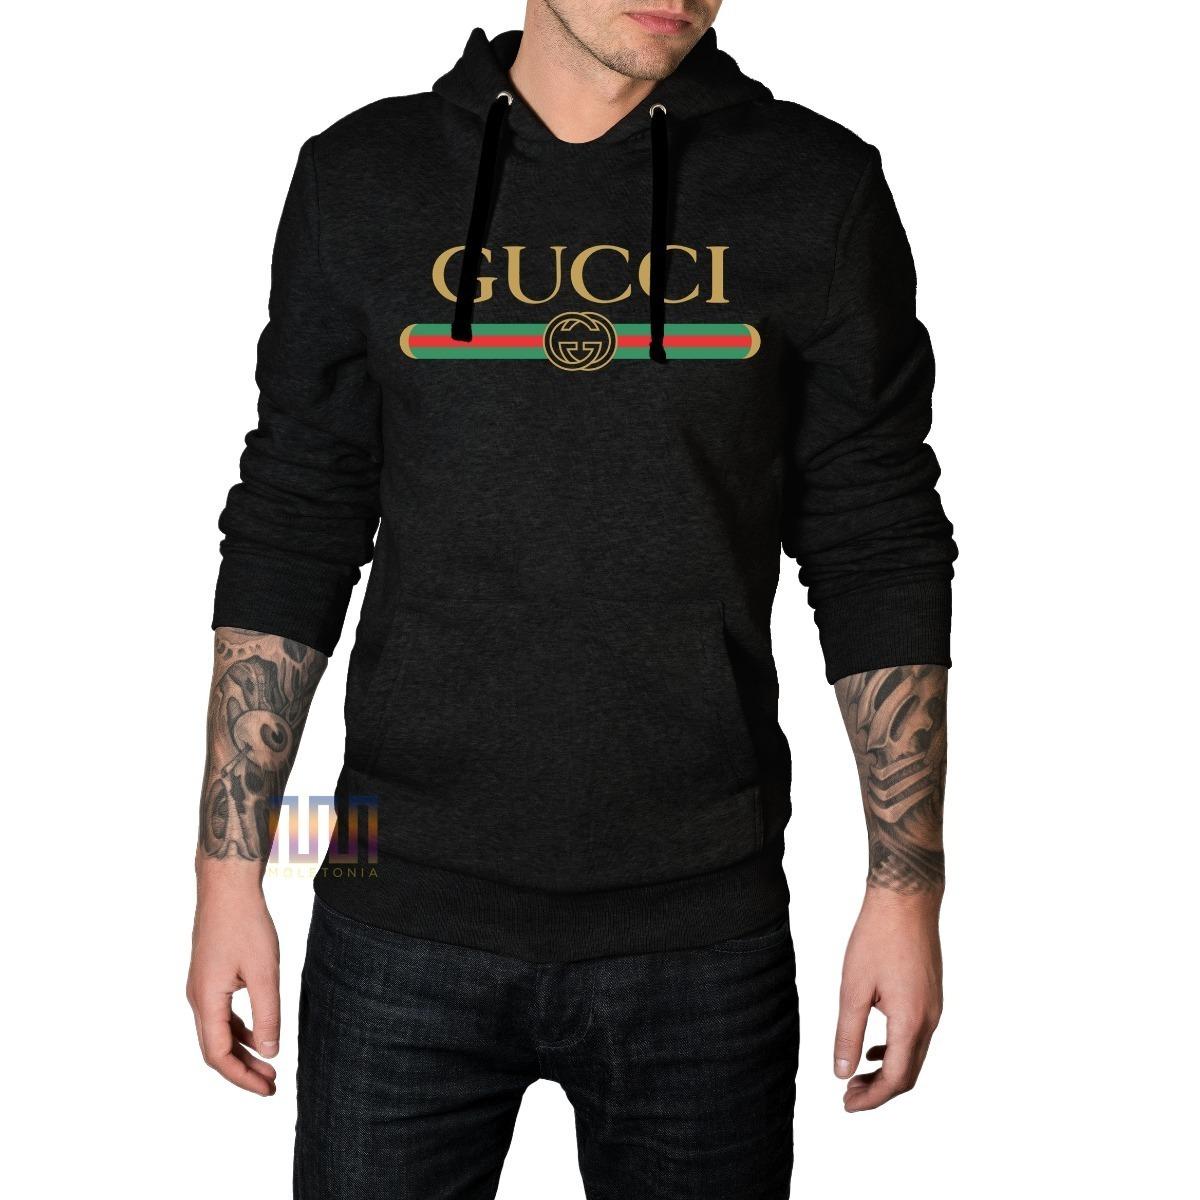 Blusa Moletom Gucci Kevinho Mc- Casaco Roupa Blusão De Frio - R  64 ... 22c2c6a2d0349